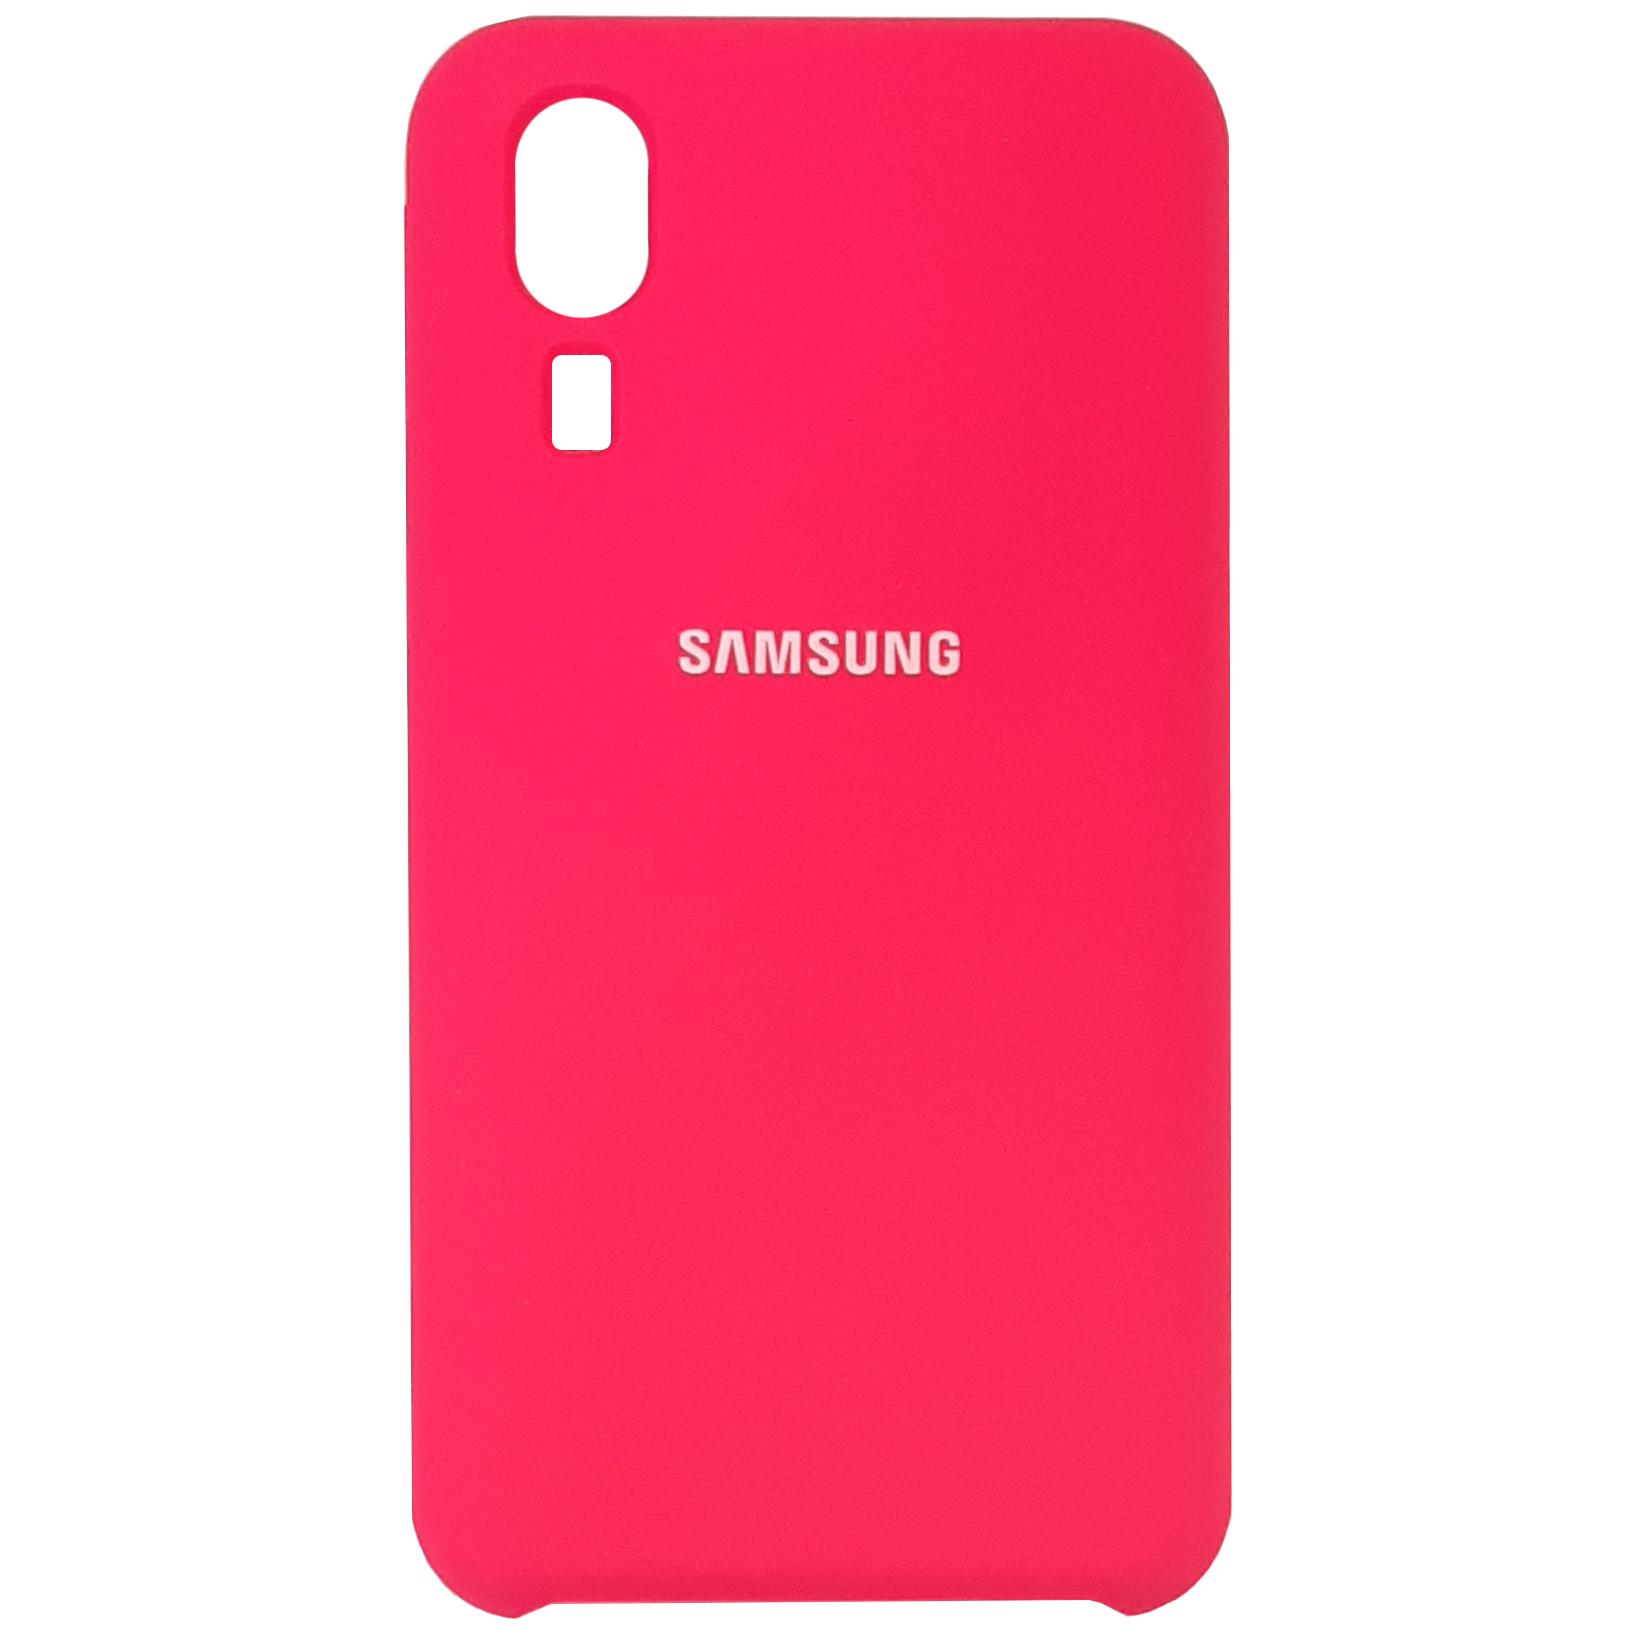 کاور مدل SIL-64 مناسب برای گوشی موبایل سامسونگ Galaxy A2 Core                     غیر اصل